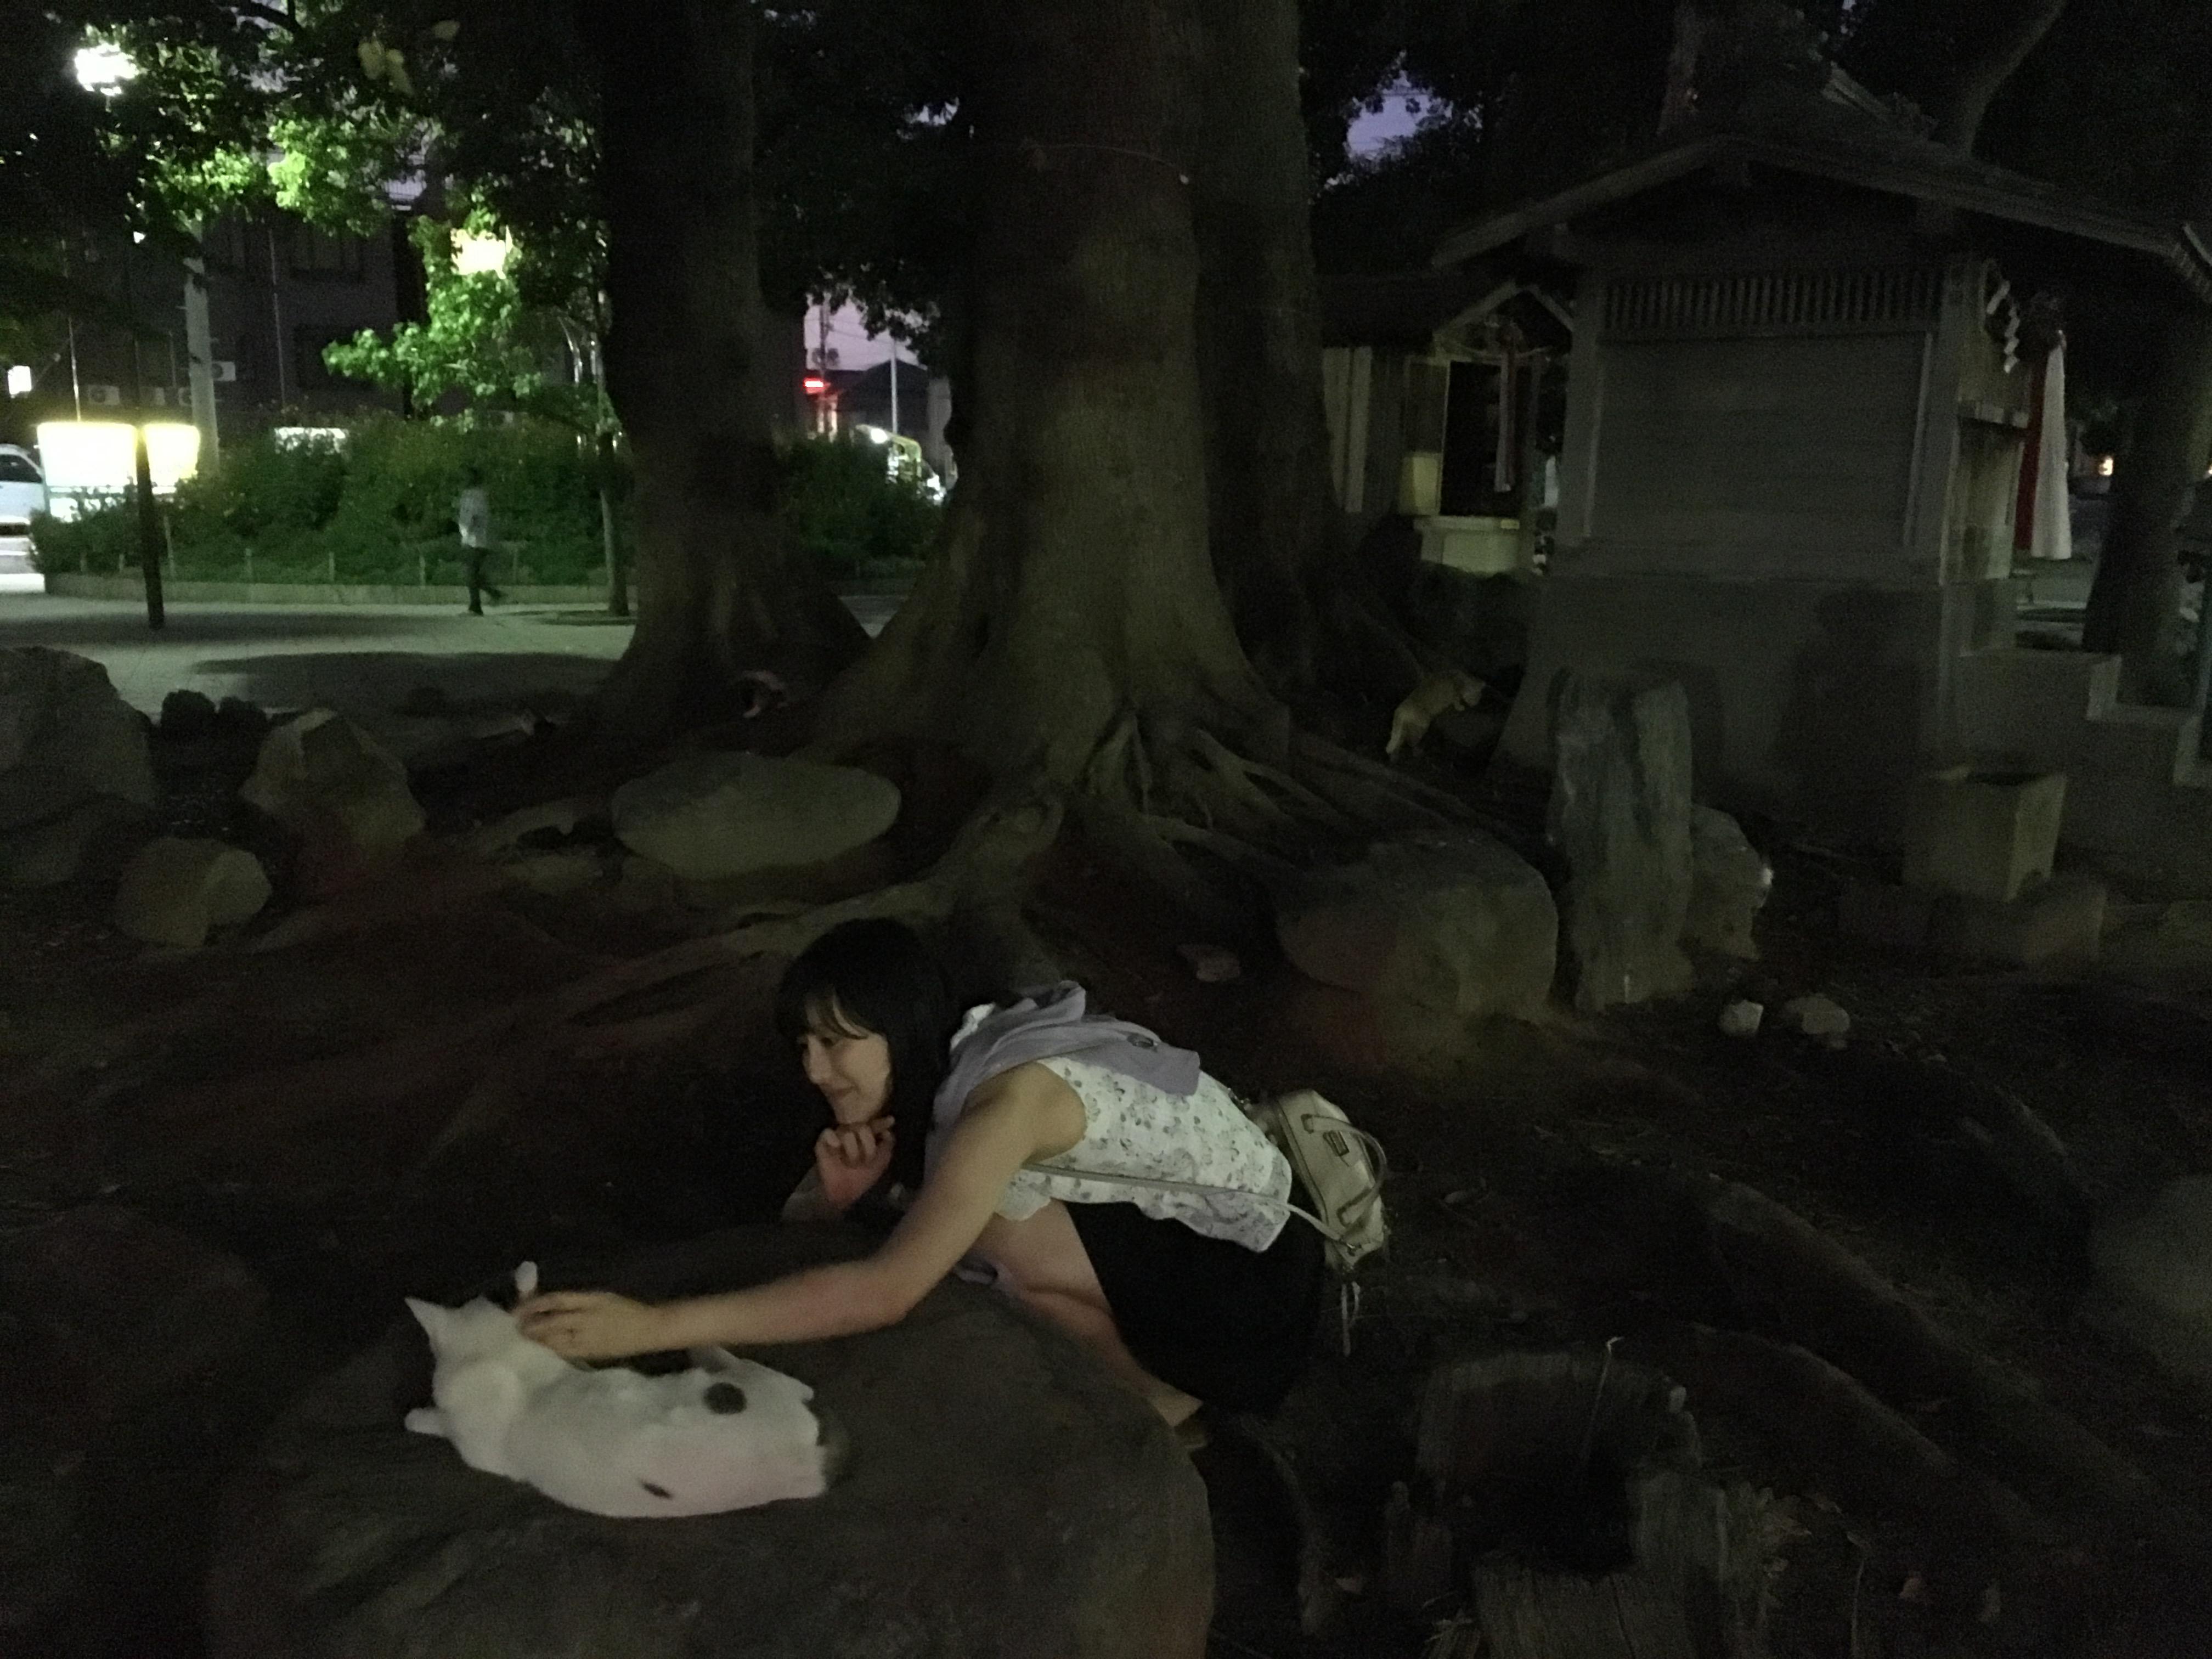 行徳弁天の森21(千葉県)